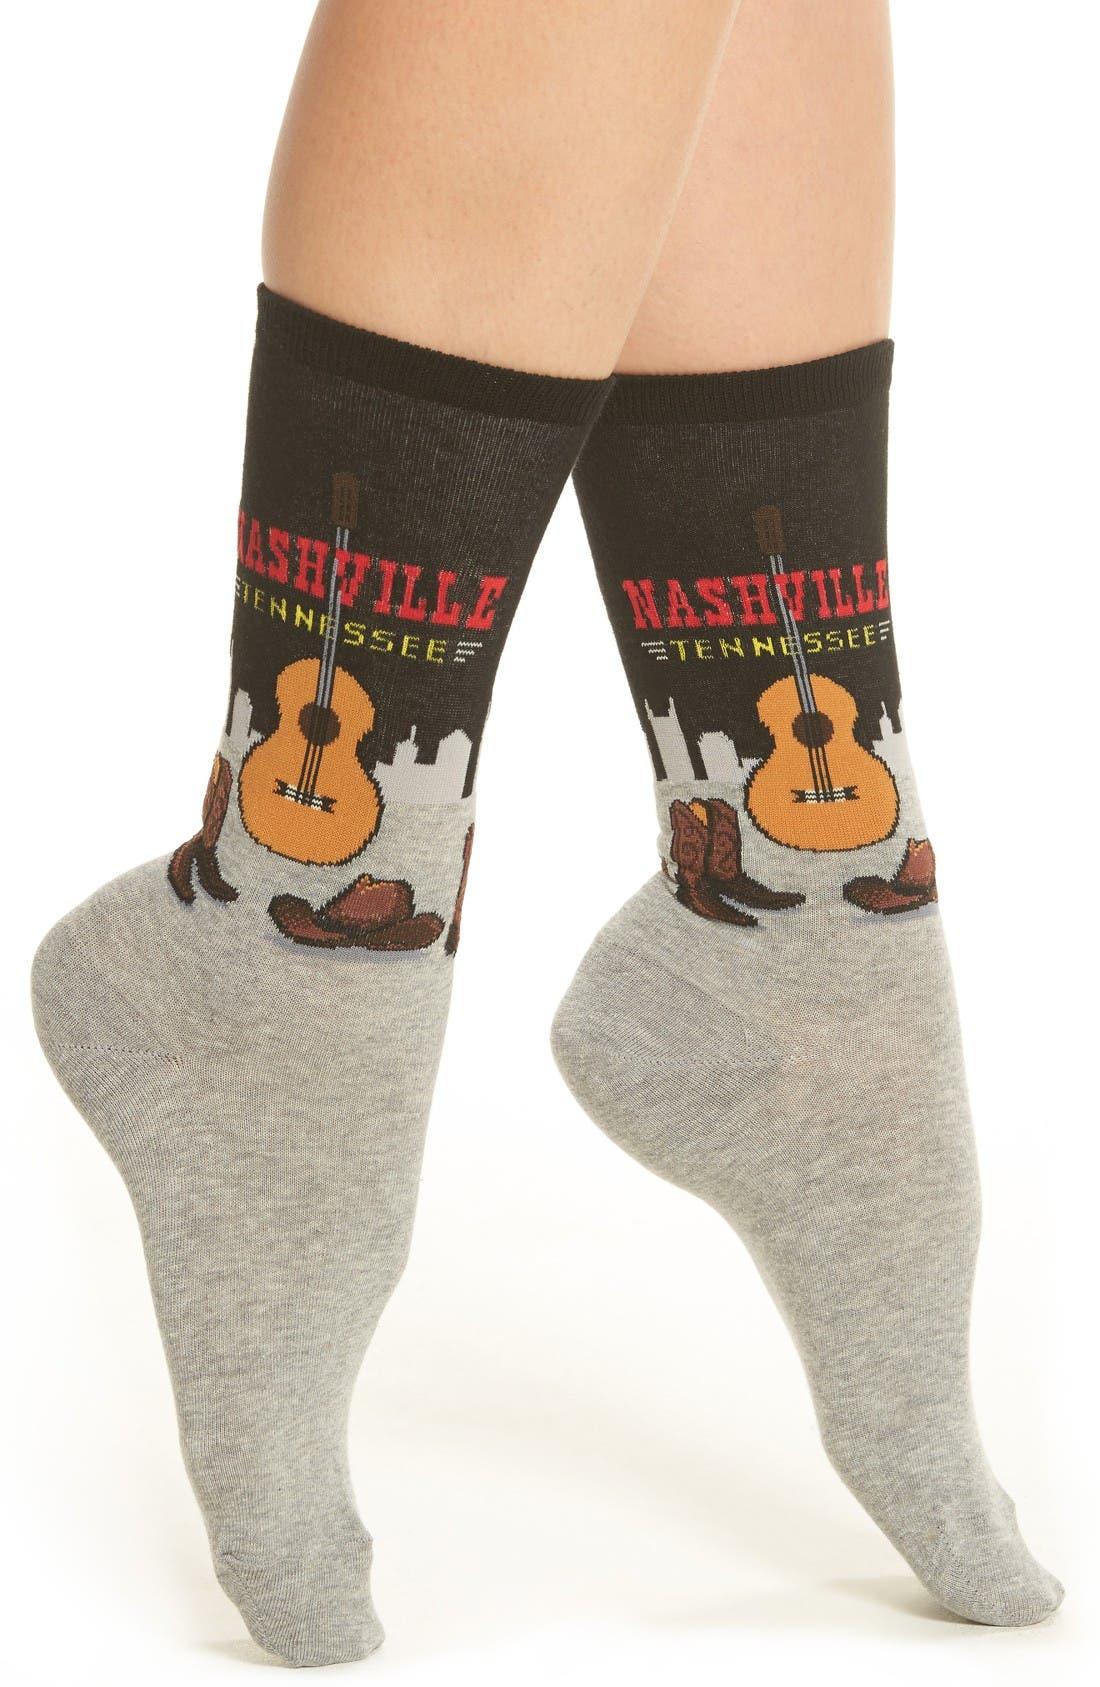 Hot Sox Nashville Crew Socks (3 for $15)